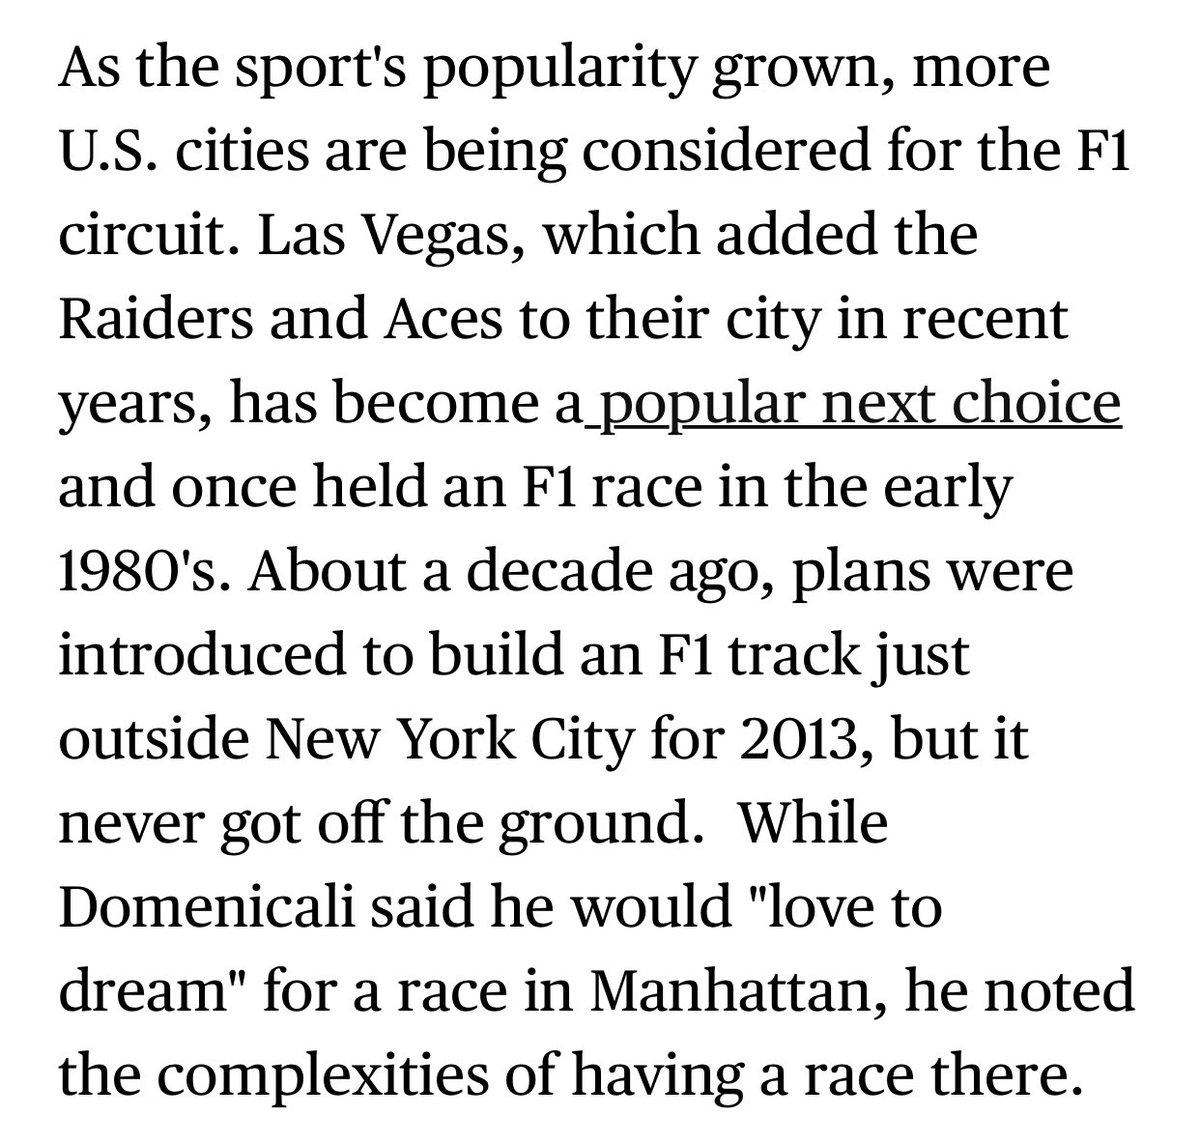 """🎰 Las Vegas et #F1 : « Le gouverneur du Nevada [...] a confirmé qu'il faisait partie de la délégation présente au COTA : """"J'ai eu l'occasion de parler avec les dirigeants de la F1 et j'apprécie qu'ils aient pris du temps pour nous."""" » Il a ainsi pu parler avec Domenicali."""